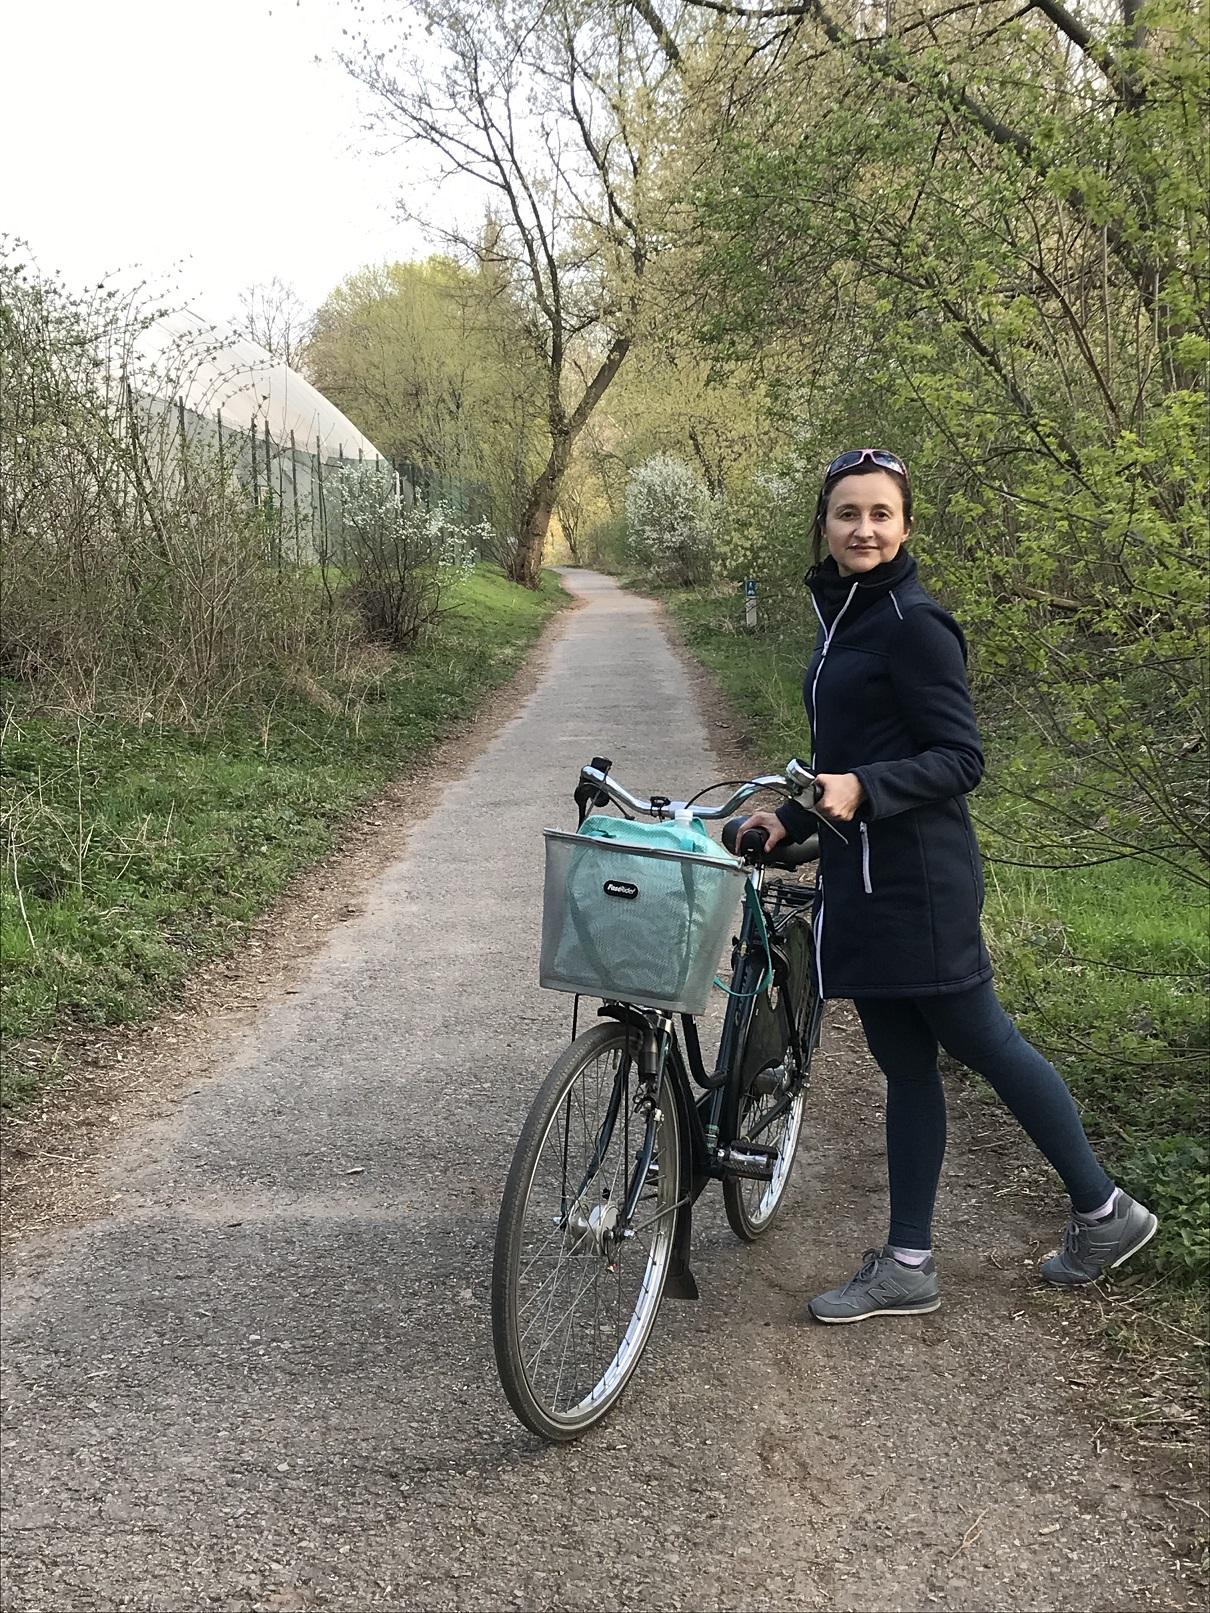 Step in Warsaw - Stadtführerin in Warschau. Ein Wald-Fahrradweg entlang dem Fluss Weichsel. Ich erzähle immer meinen Touristen von diesem außergewöhnlich Ort. Ein Stück Natur in der Mitte der Europäischen Hauptstadt. Warschau, 07.04.2019.